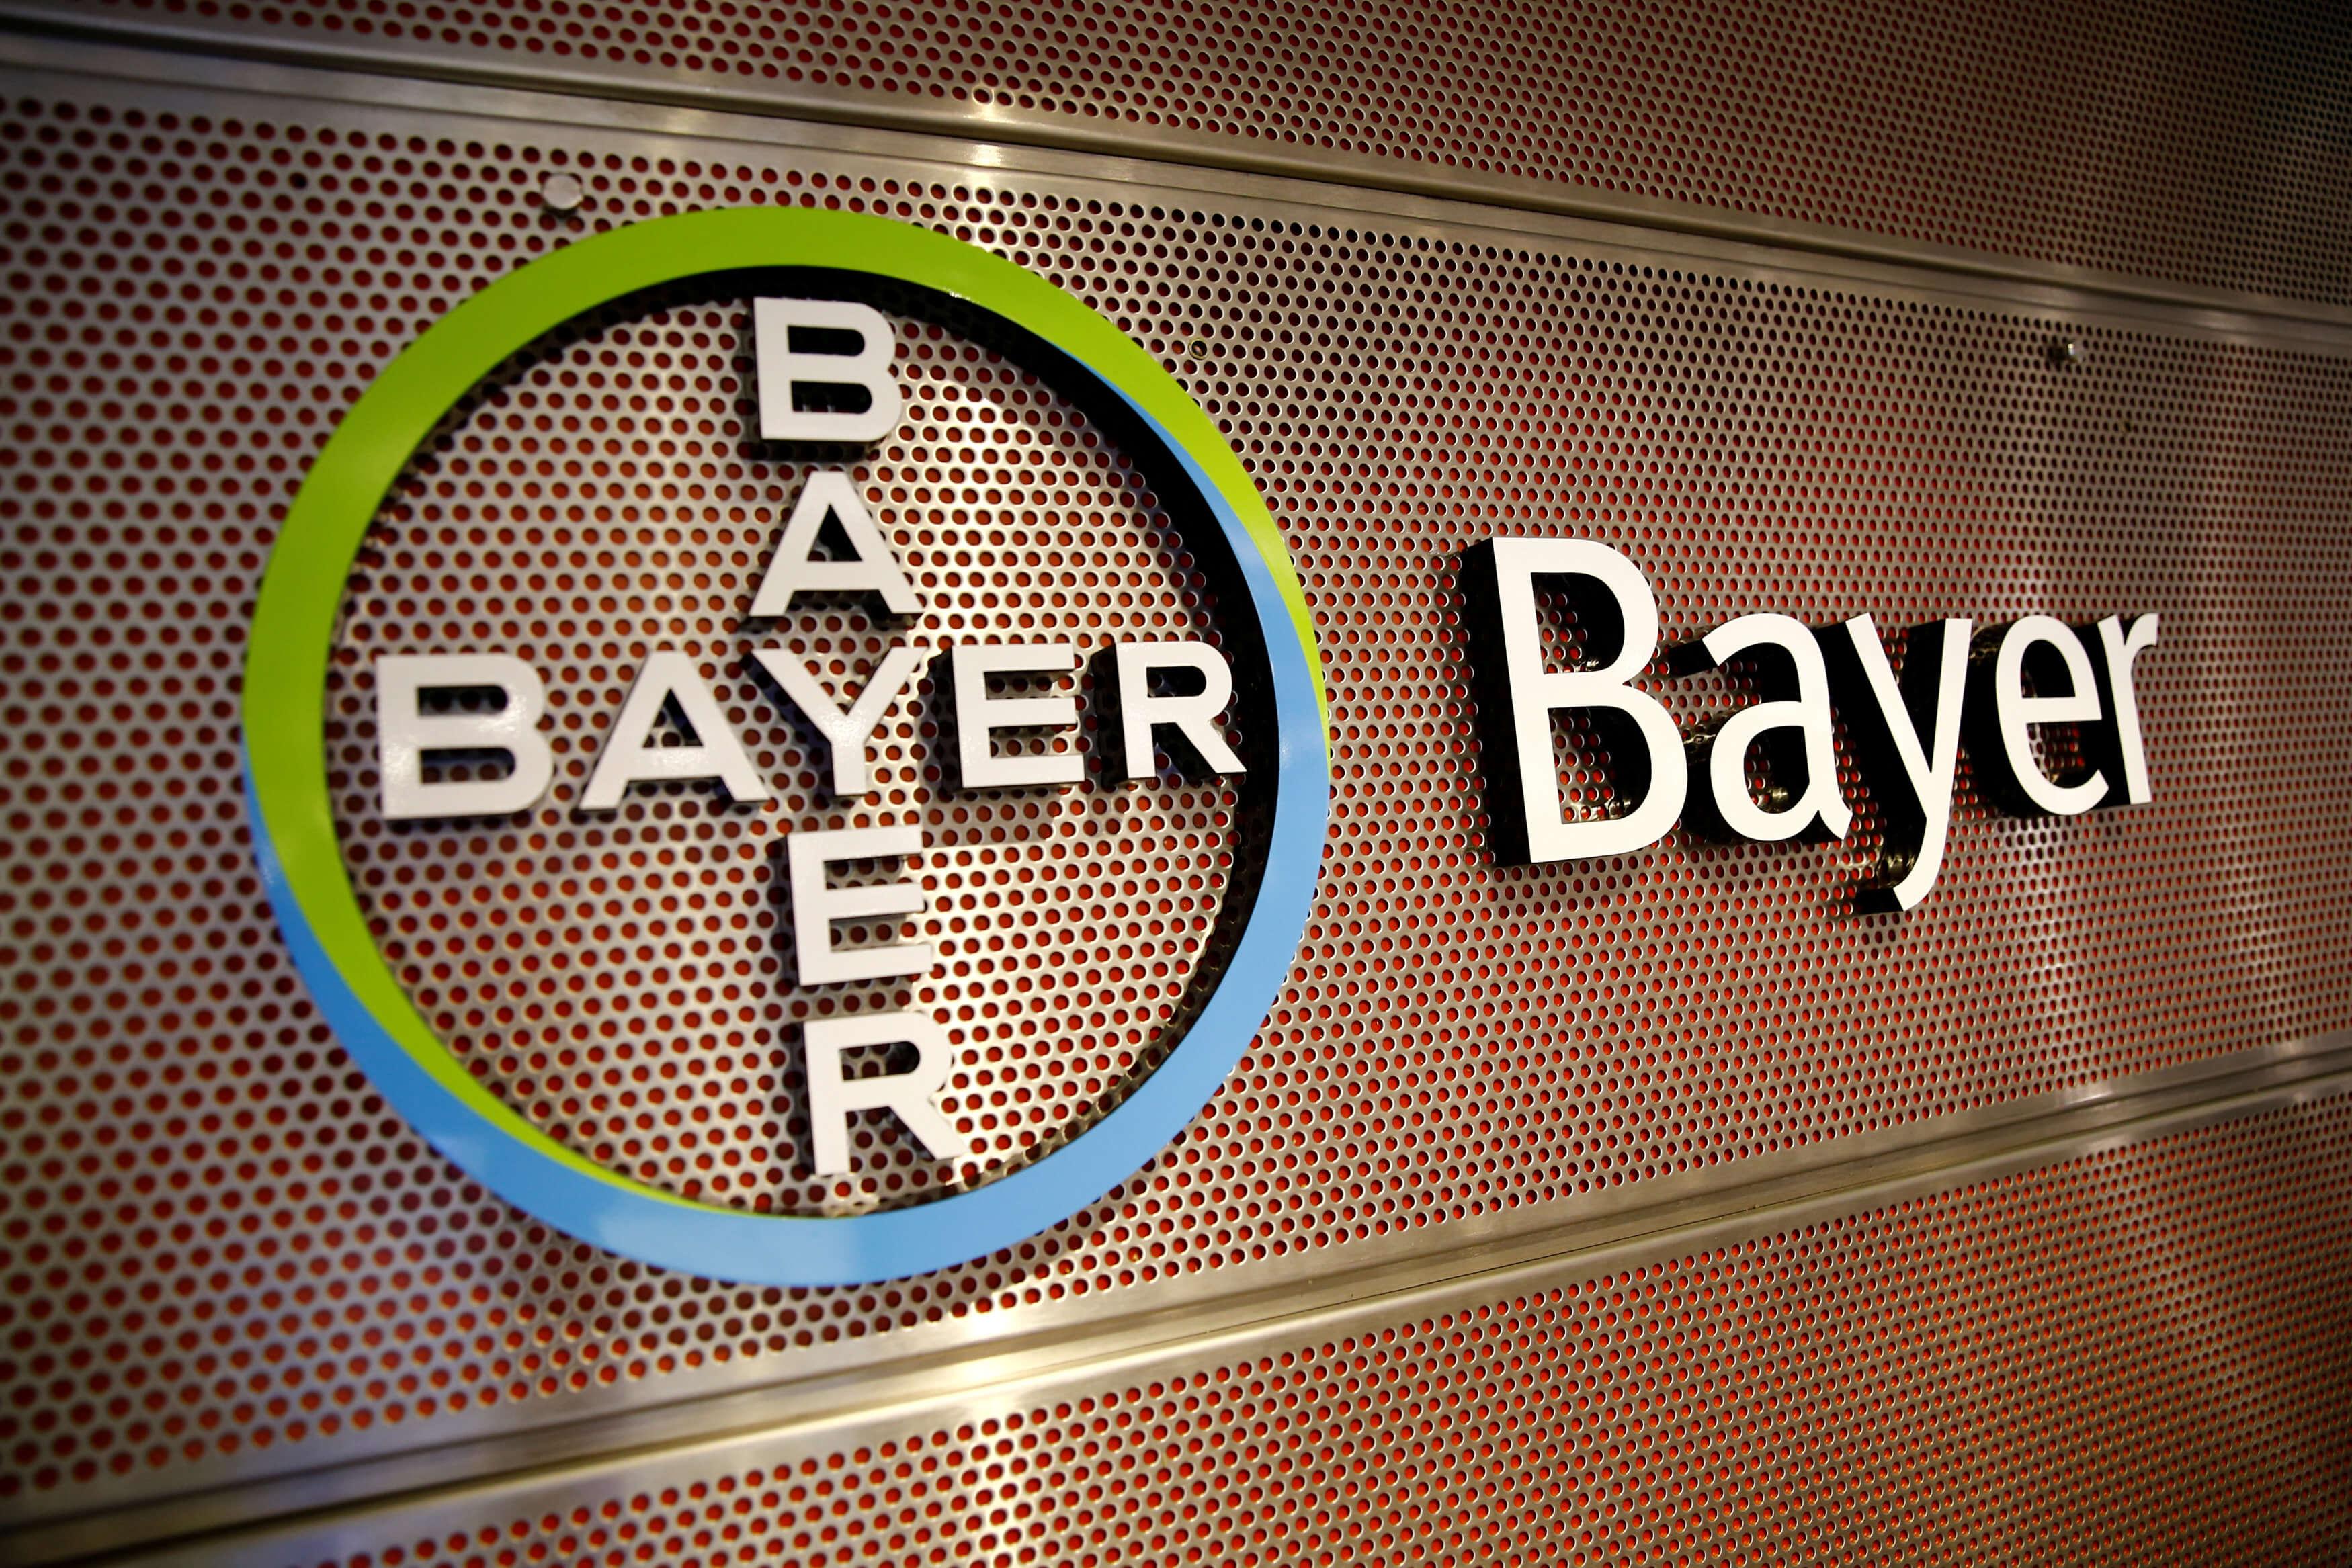 Γερμανία: Στη μάχη κατά του κορονοϊού και η Bayer – Ξεκινά την παραγωγή του εμβολίου της CureVac